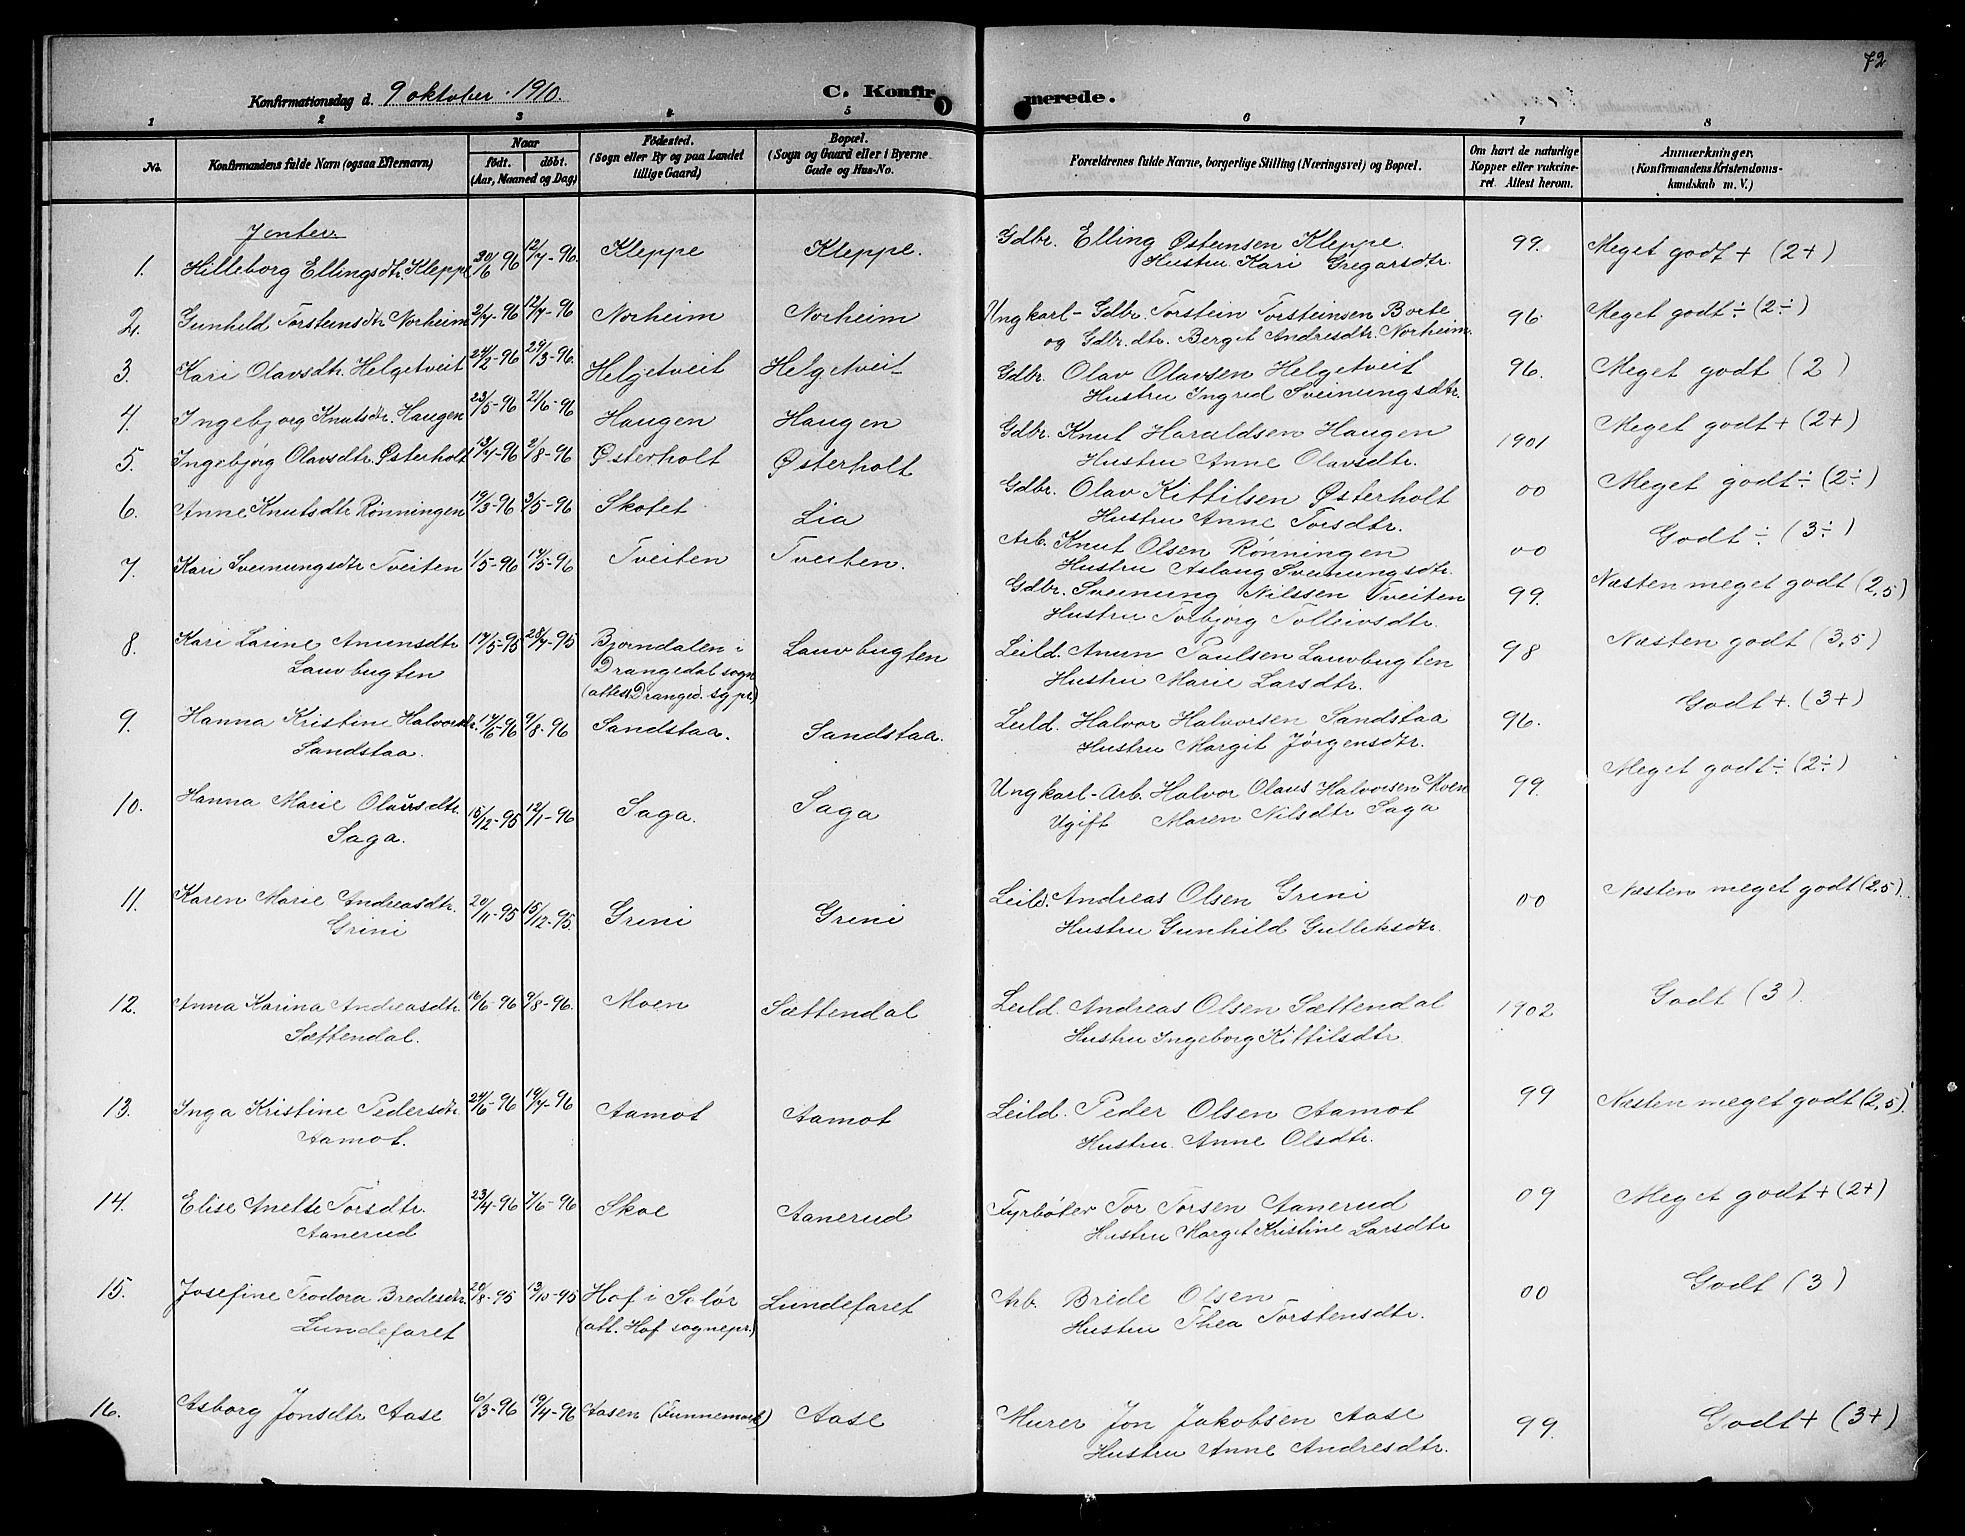 SAKO, Lunde kirkebøker, G/Ga/L0004: Klokkerbok nr. I 4, 1906-1914, s. 72